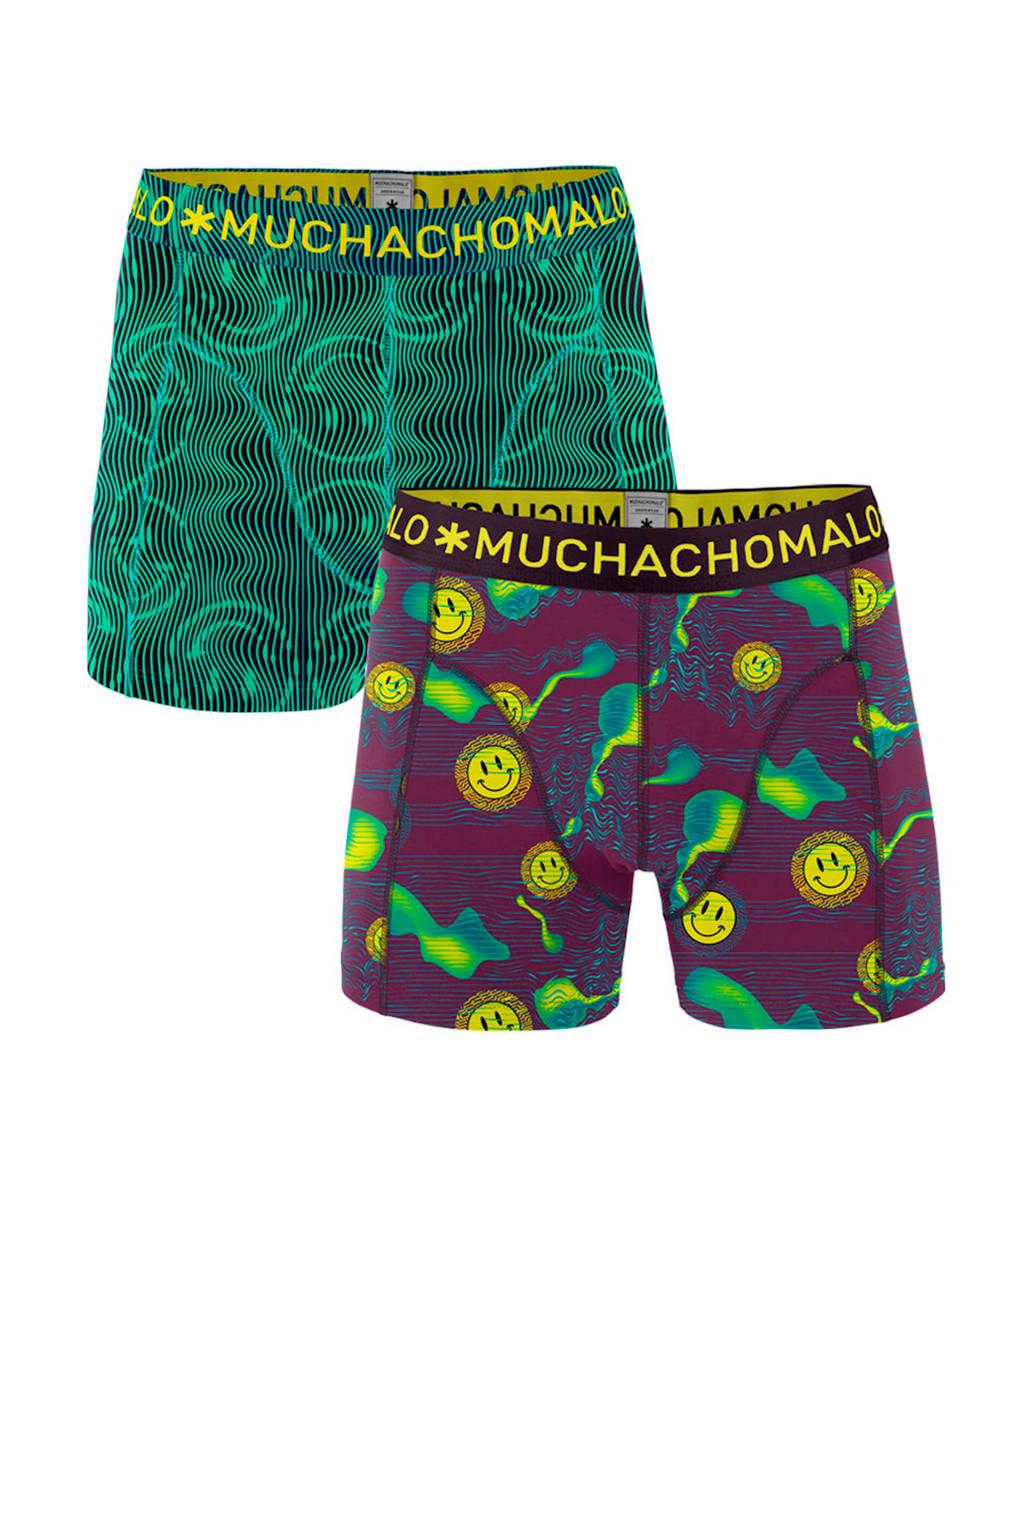 Muchachomalo Junior  boxershort Acid - set van 2 groen/paars, Groen/paars